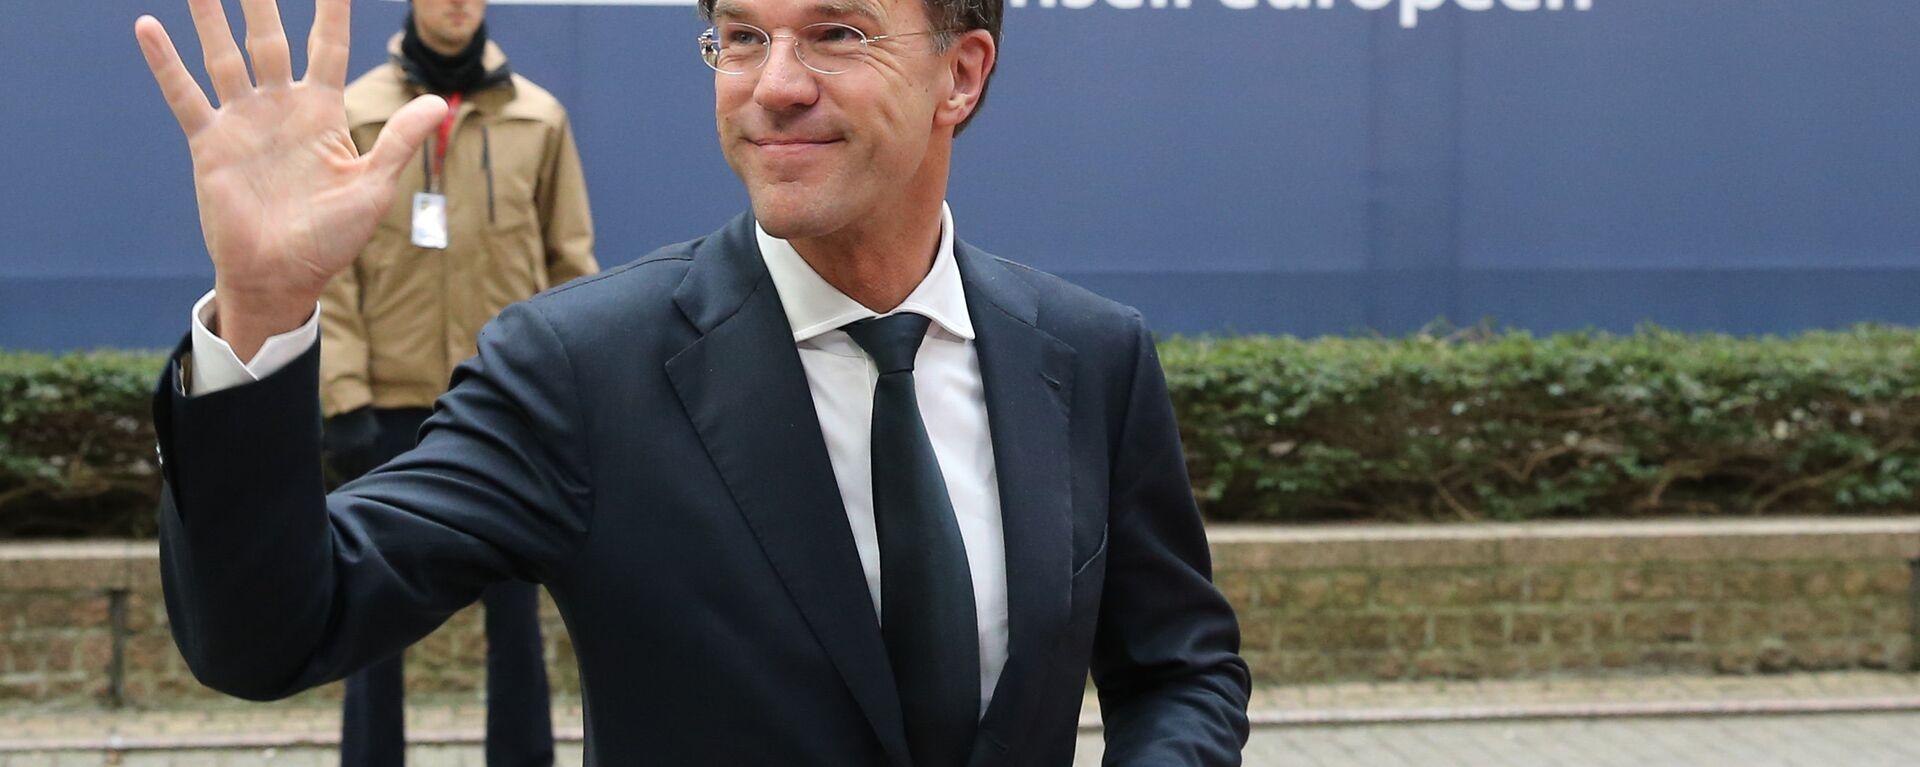 Il primo ministro olandese Mark Rutte - Sputnik Italia, 1920, 27.09.2021